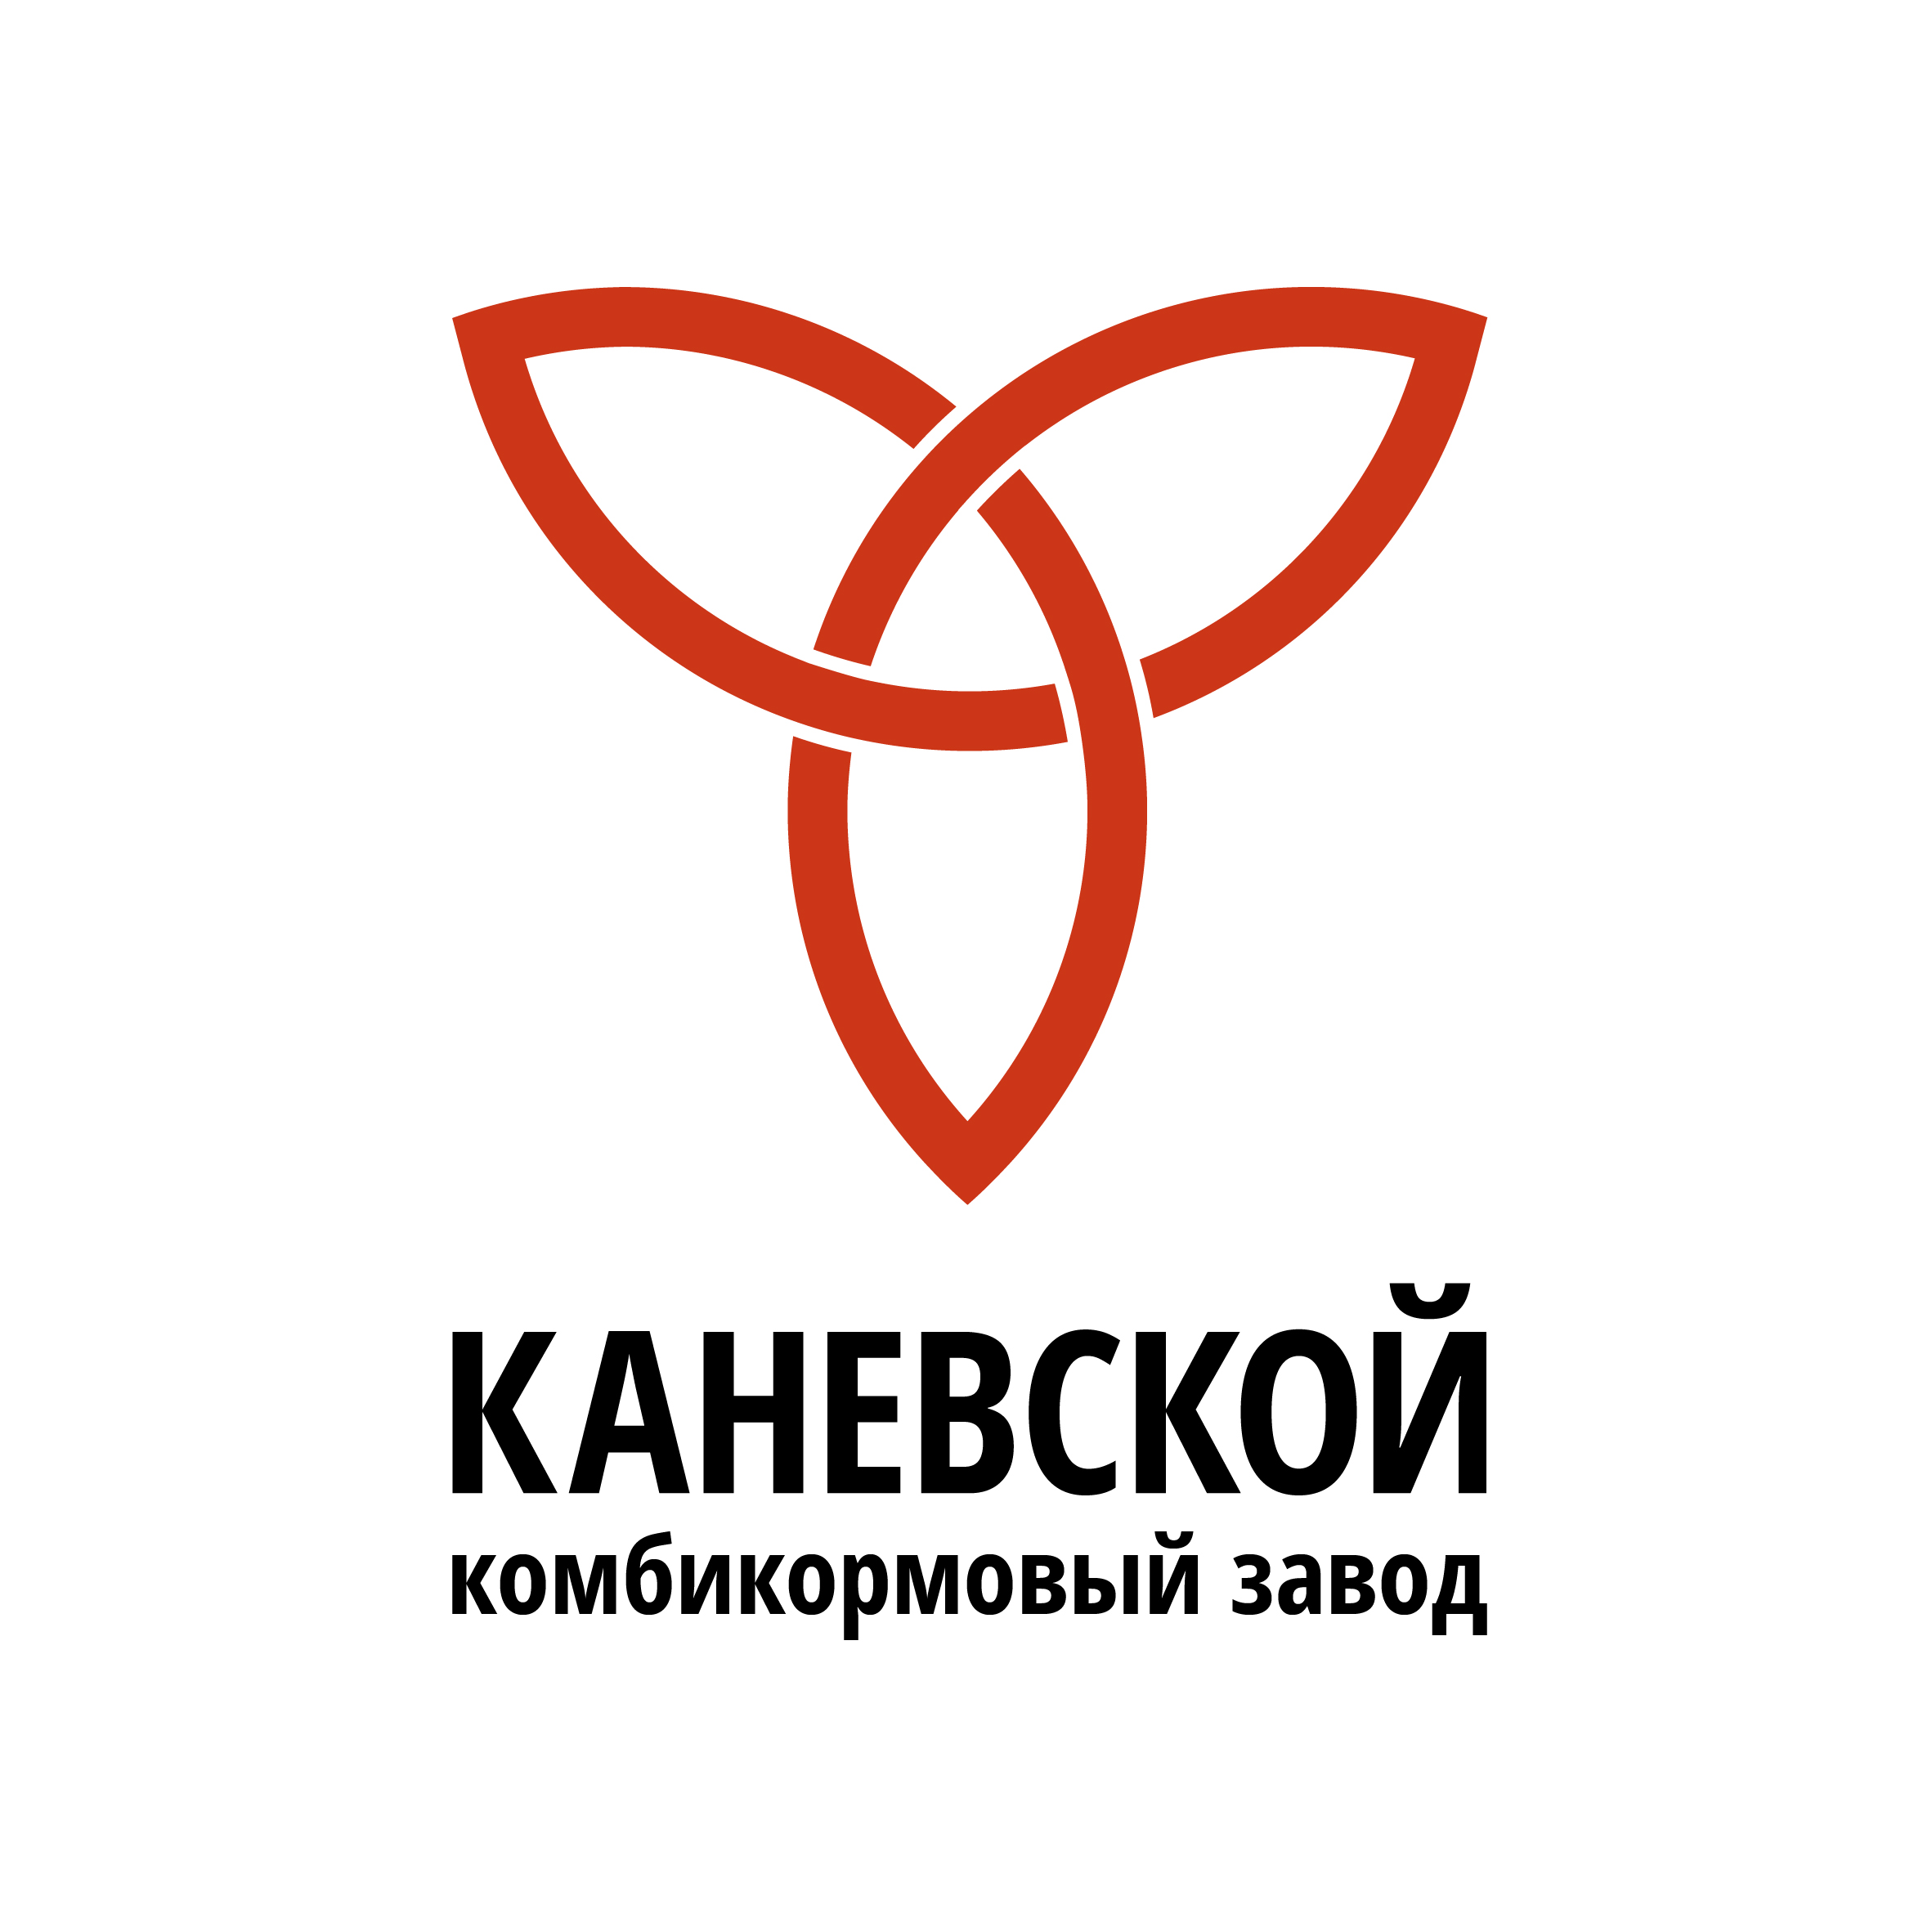 Общество с ограниченной ответственностью «Каневской элеватор», ИНН 2353019916